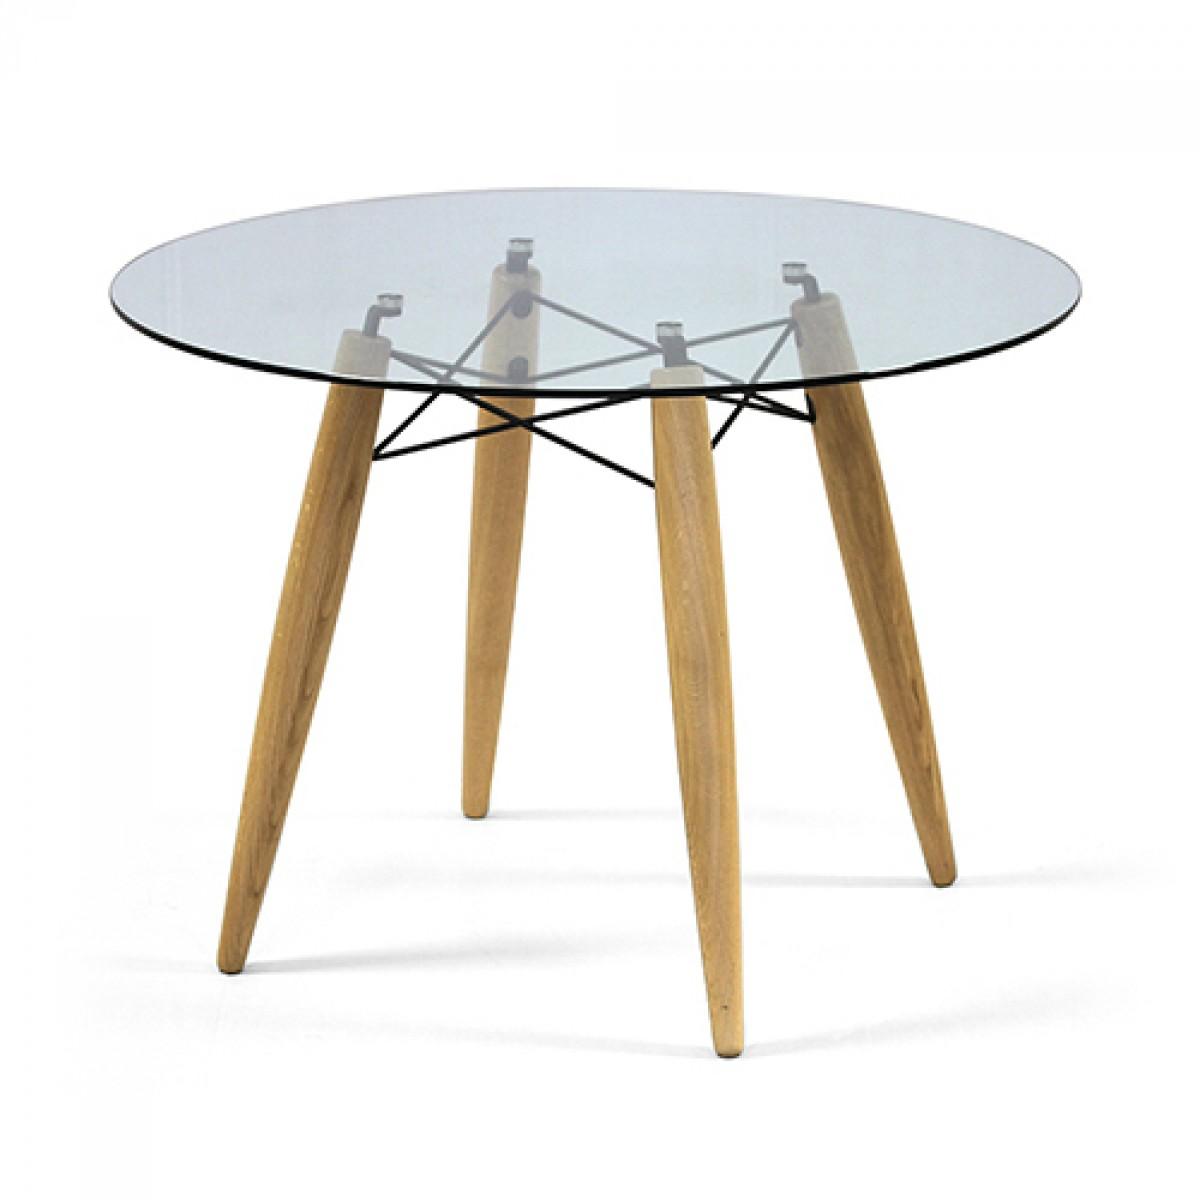 Tisch rund GlasTischplatte Esstisch rund Glas Tisch